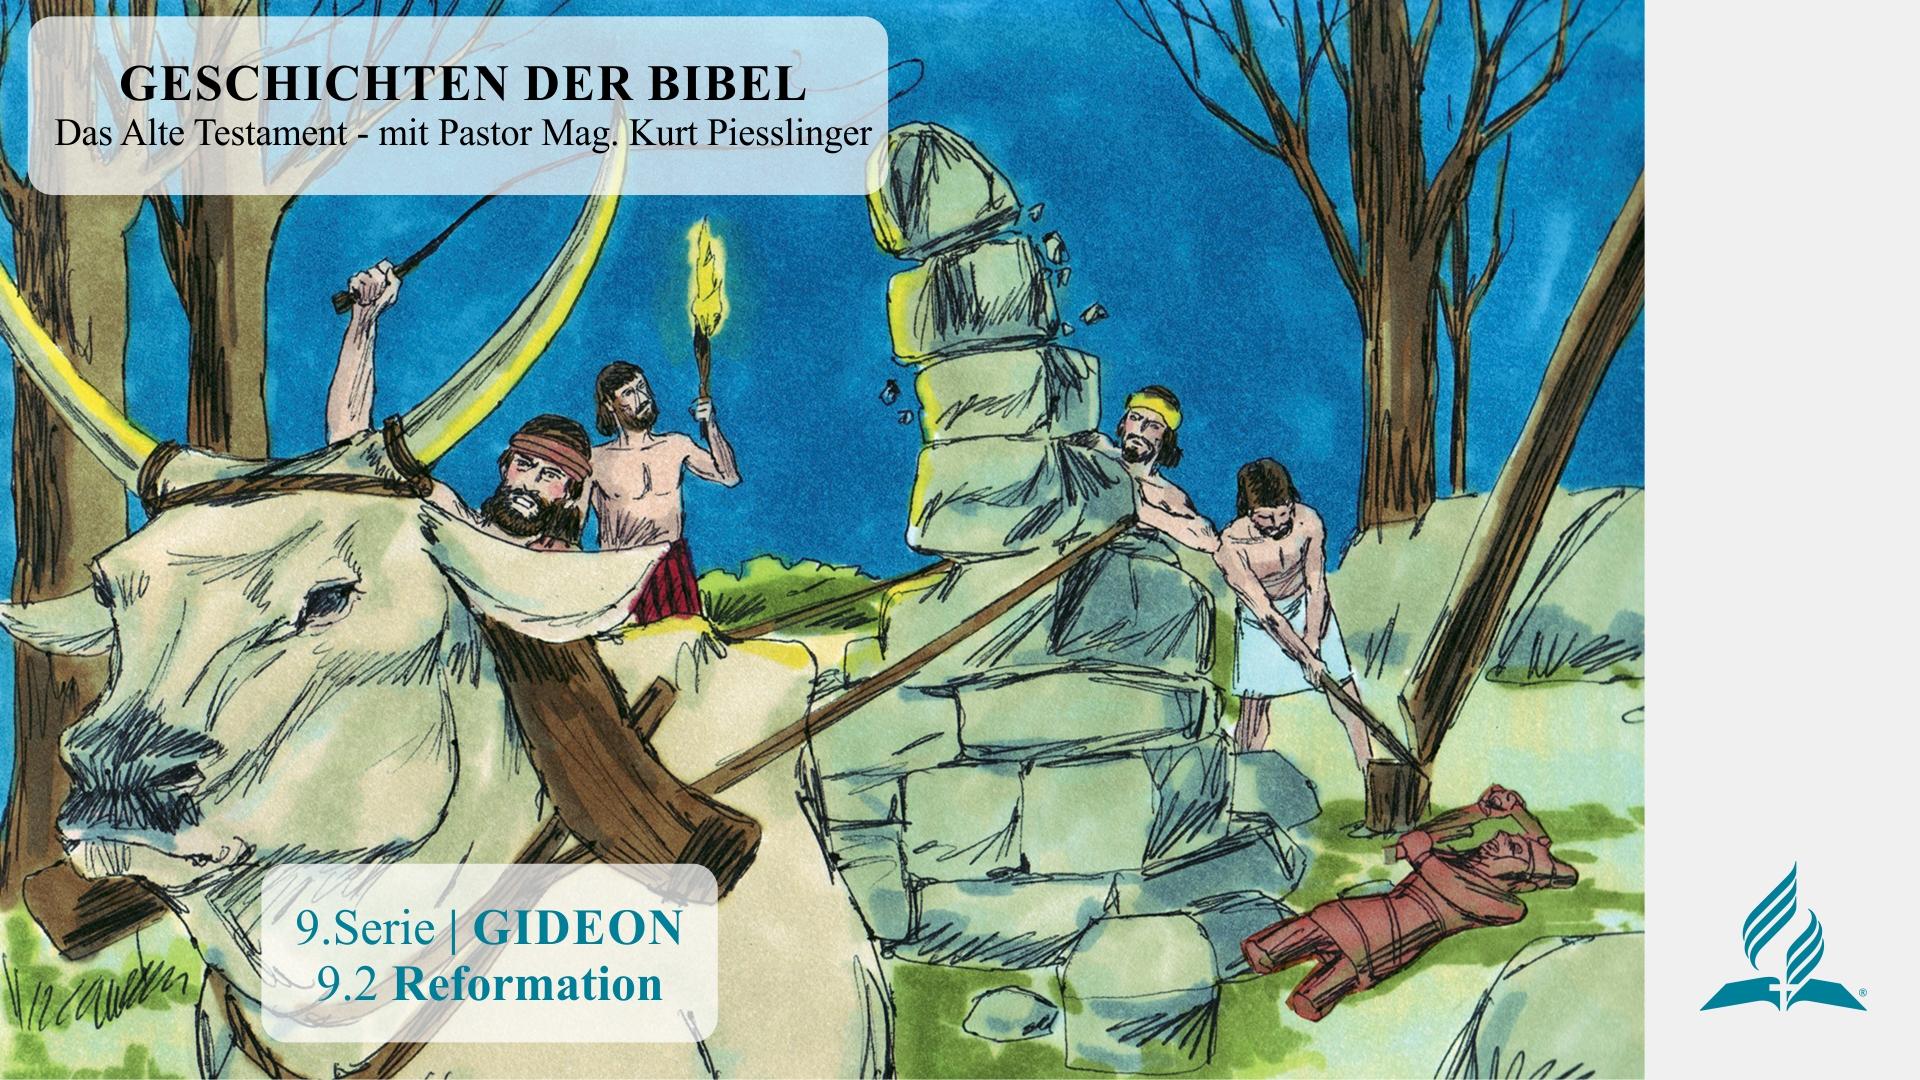 9.2 Reformation – 9.GIDEON – Kurt Piesslinger x